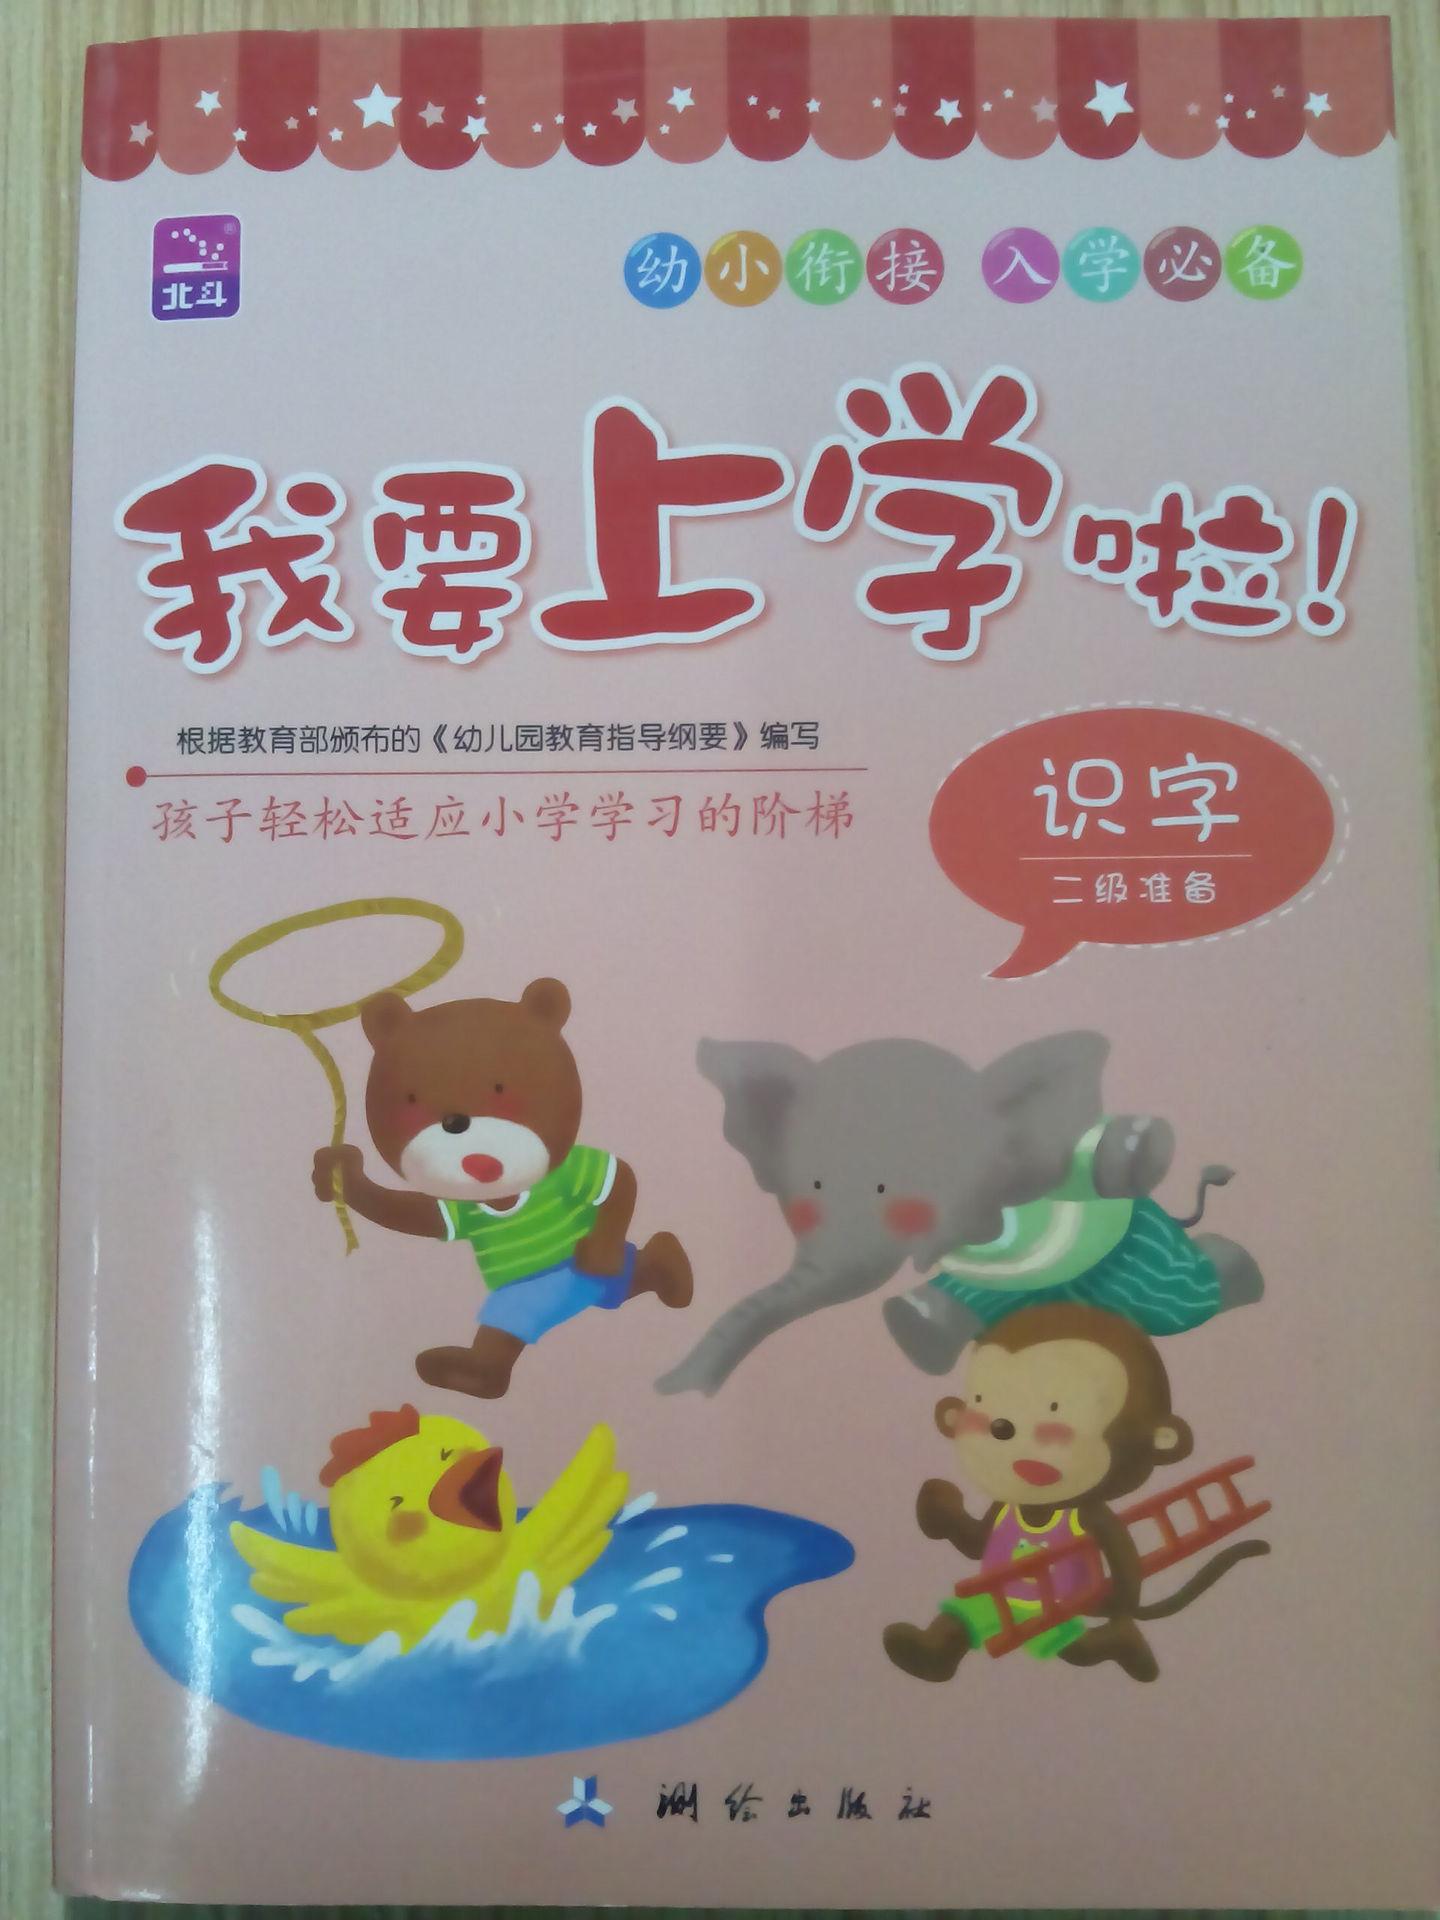 【低价批发婴幼儿学前教育少儿图书 宝宝儿童